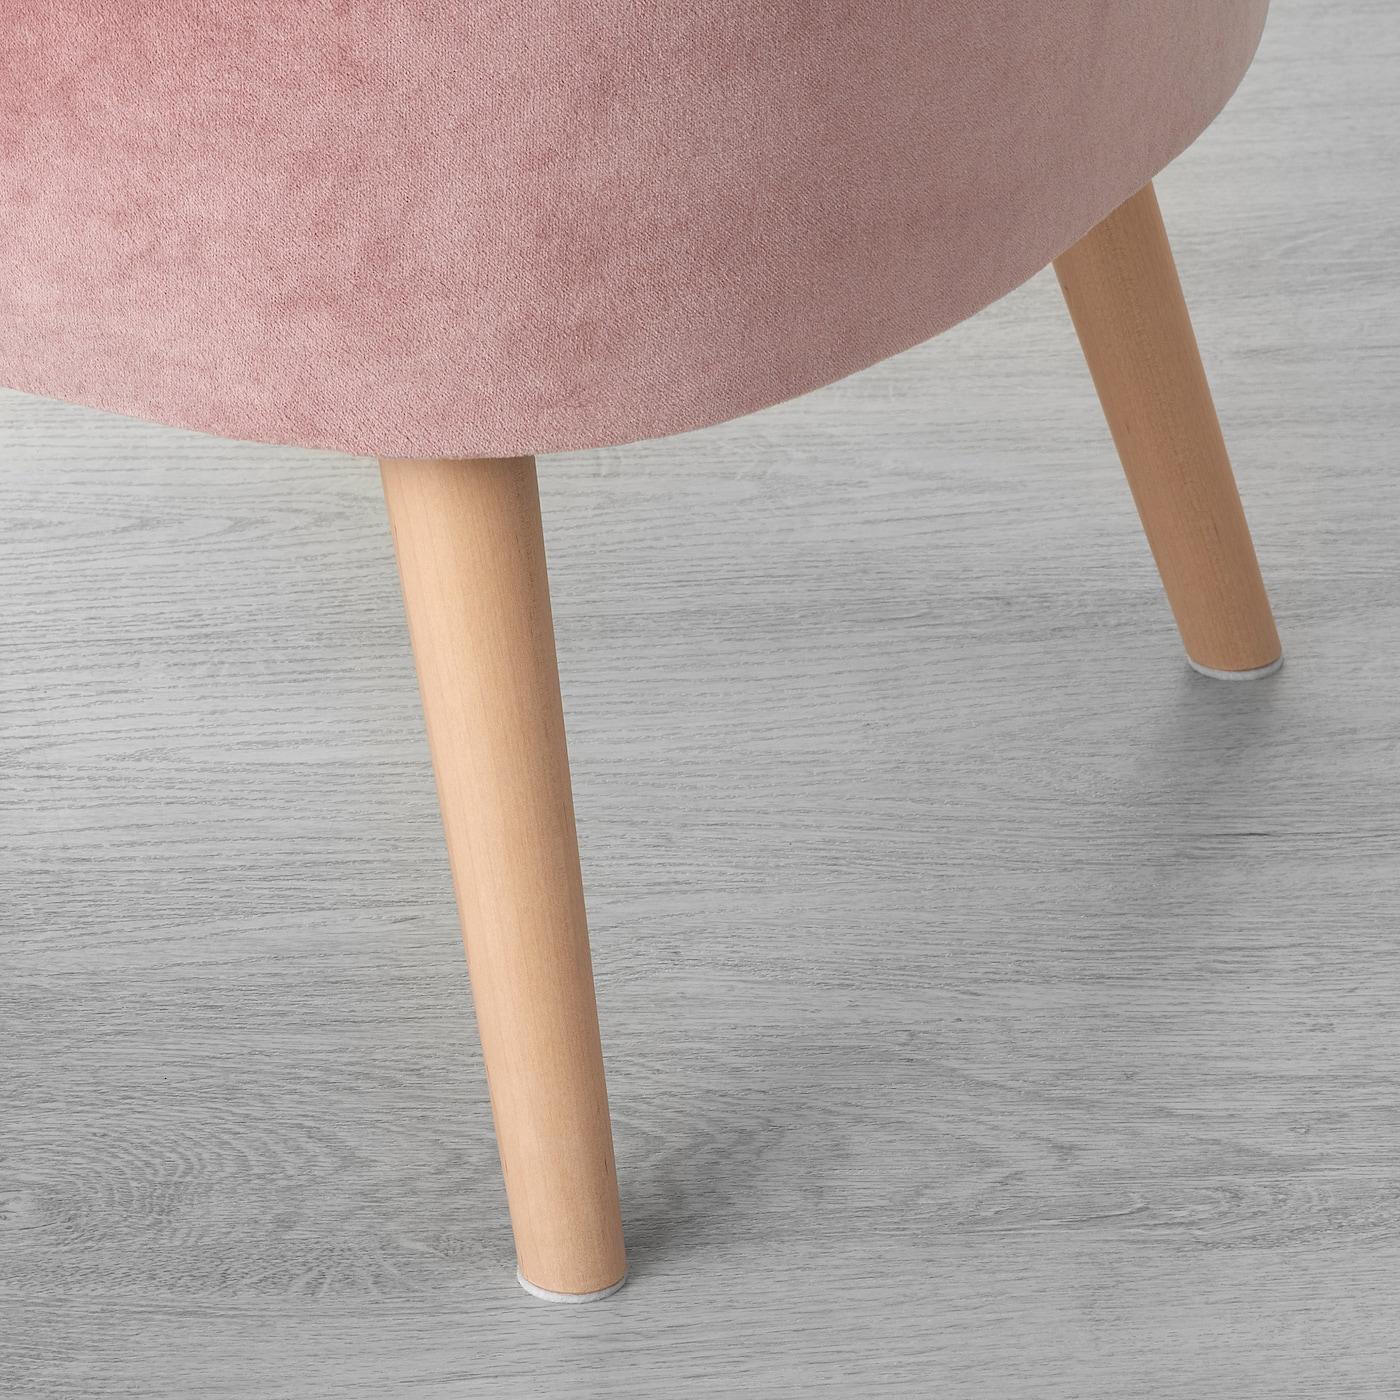 GUBBO Fauteuil, fluweel roze IKEA